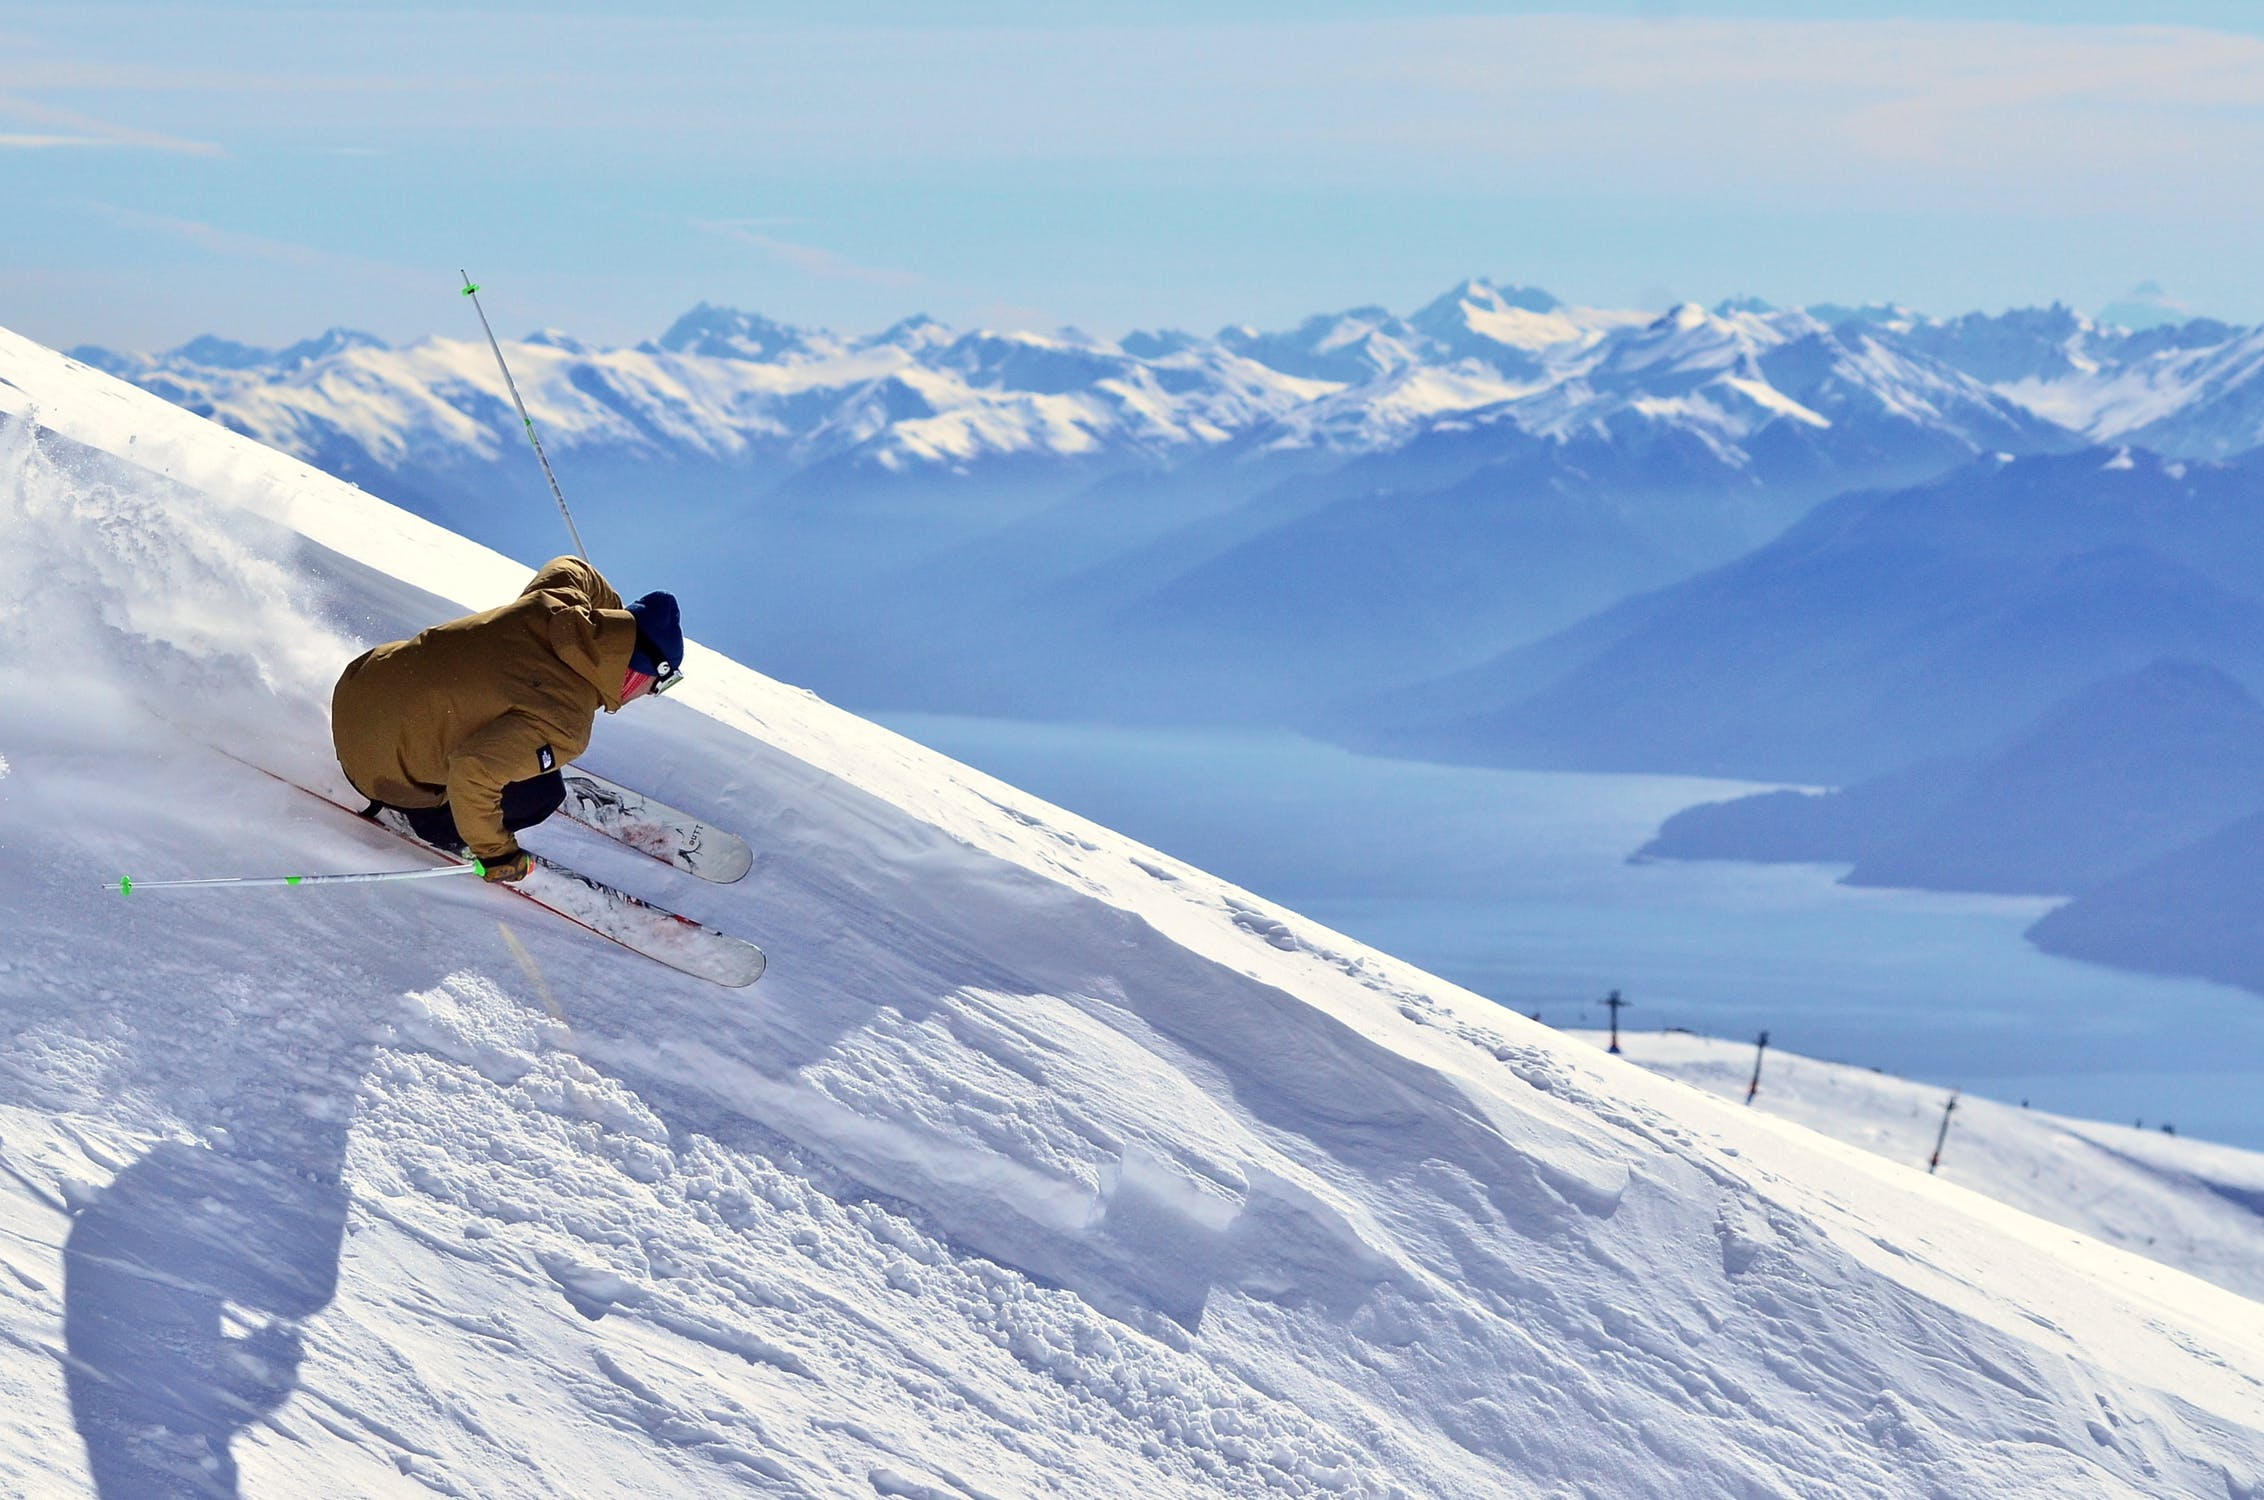 Foto di un ragazzo mentre sta sciando in una pista da scii su montagne coperte completamente di neve